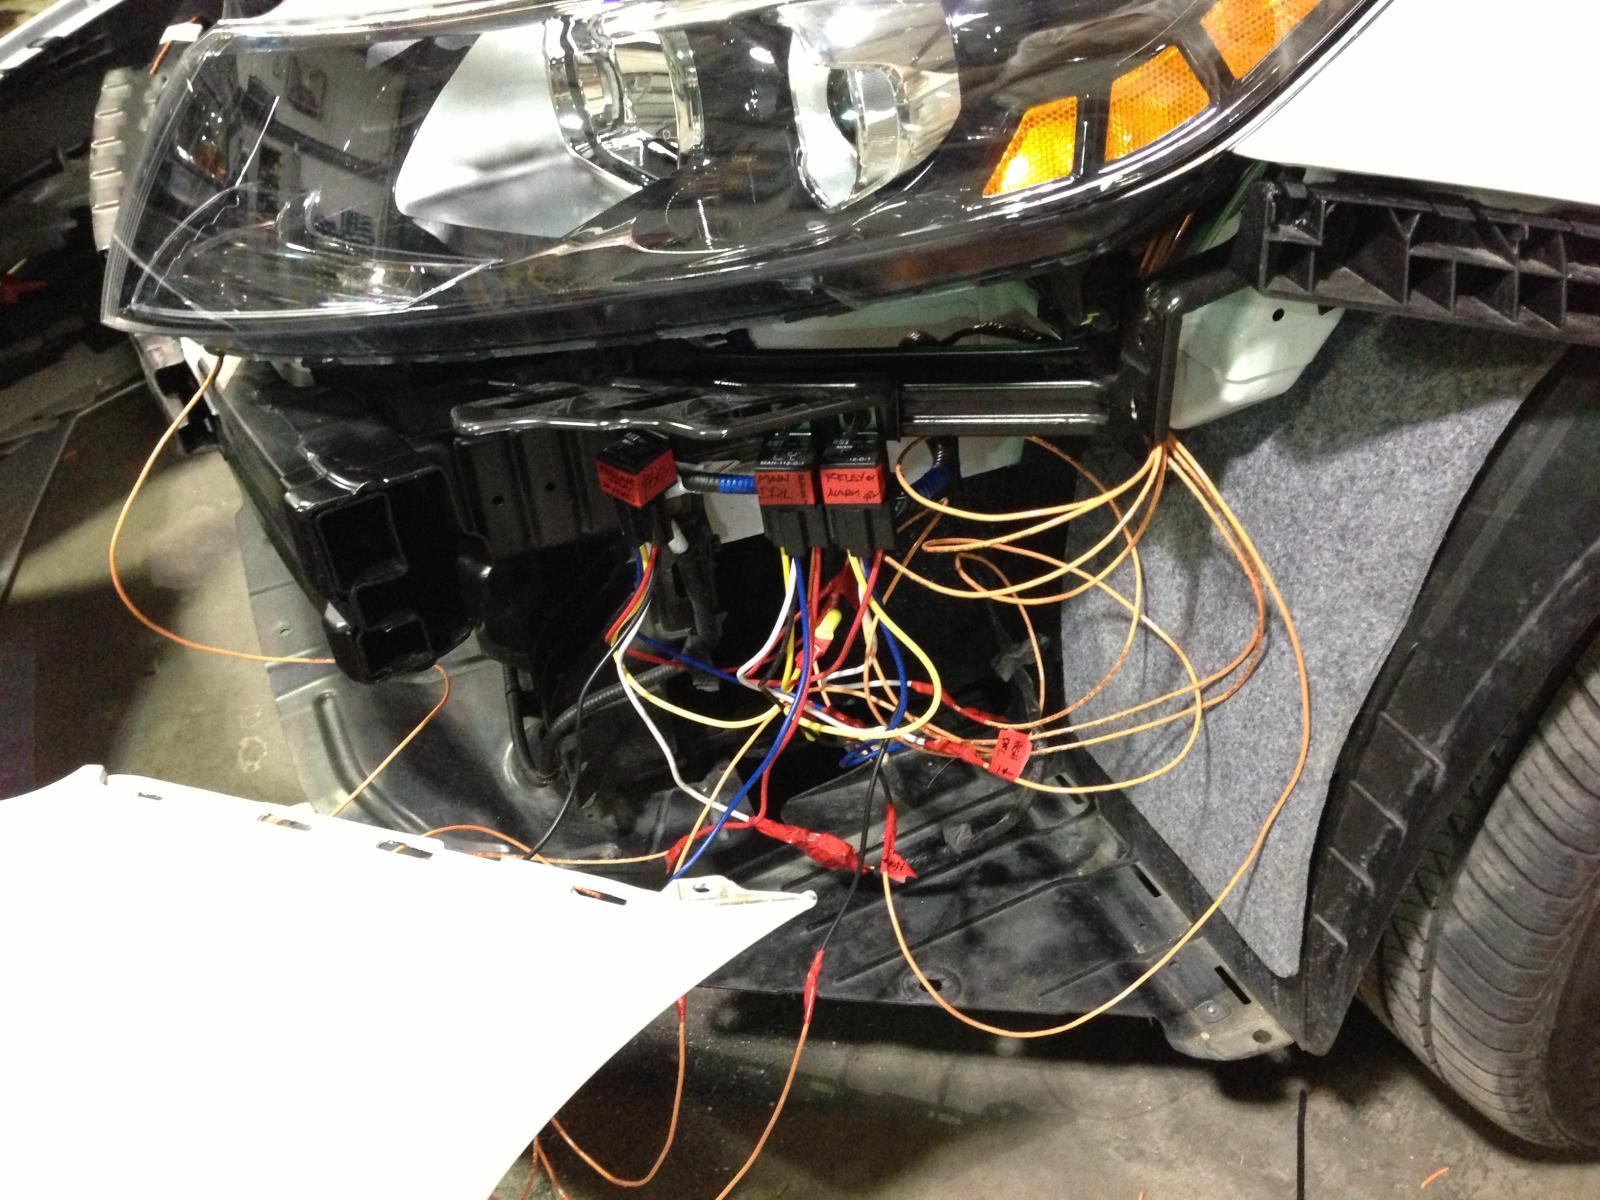 hight resolution of 2011 kia optima headlight wiring diagram guide about wiring diagram 2013 kia optima headlight wiring diagram